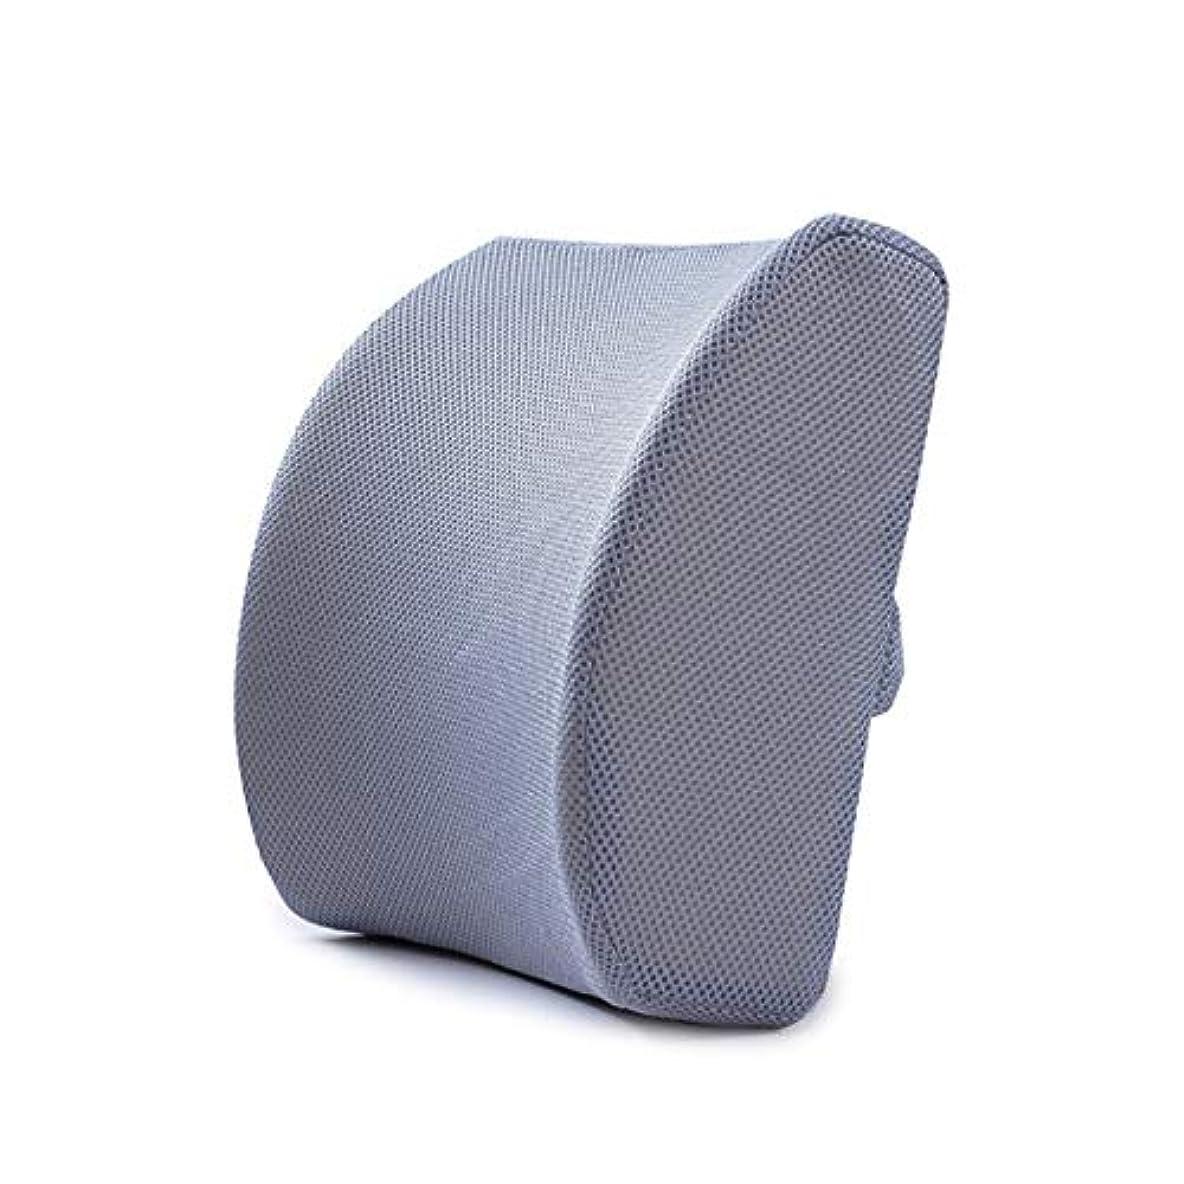 ヘア発動機競うLIFE ホームオフィス背もたれ椅子腰椎クッションカーシートネック枕 3D 低反発サポートバックマッサージウエストレスリビング枕 クッション 椅子